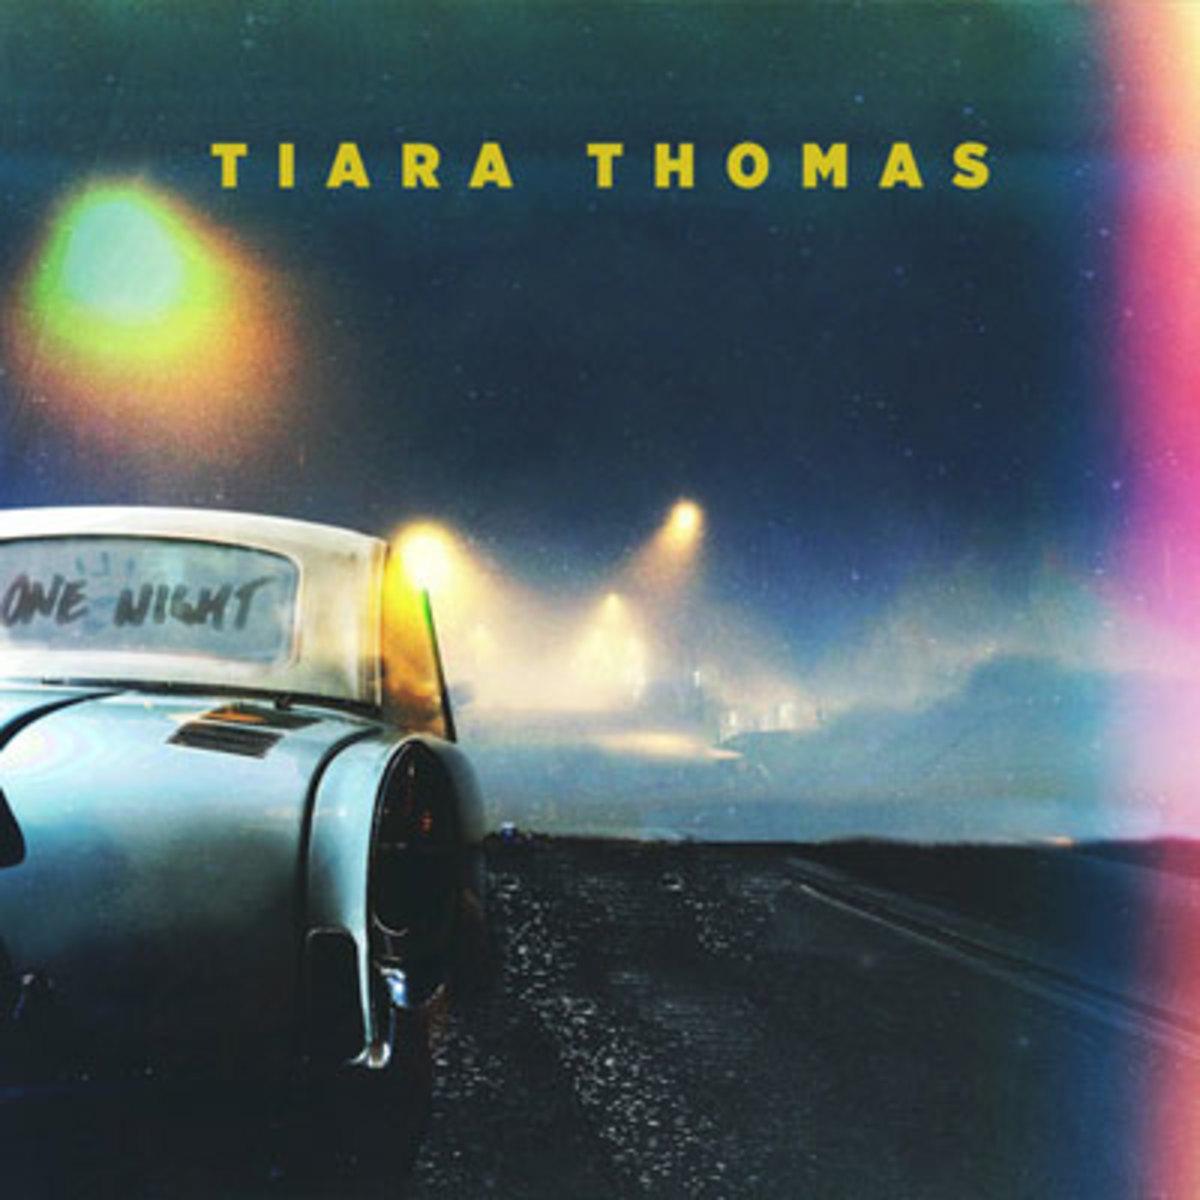 tiarathomas-onenight.jpg